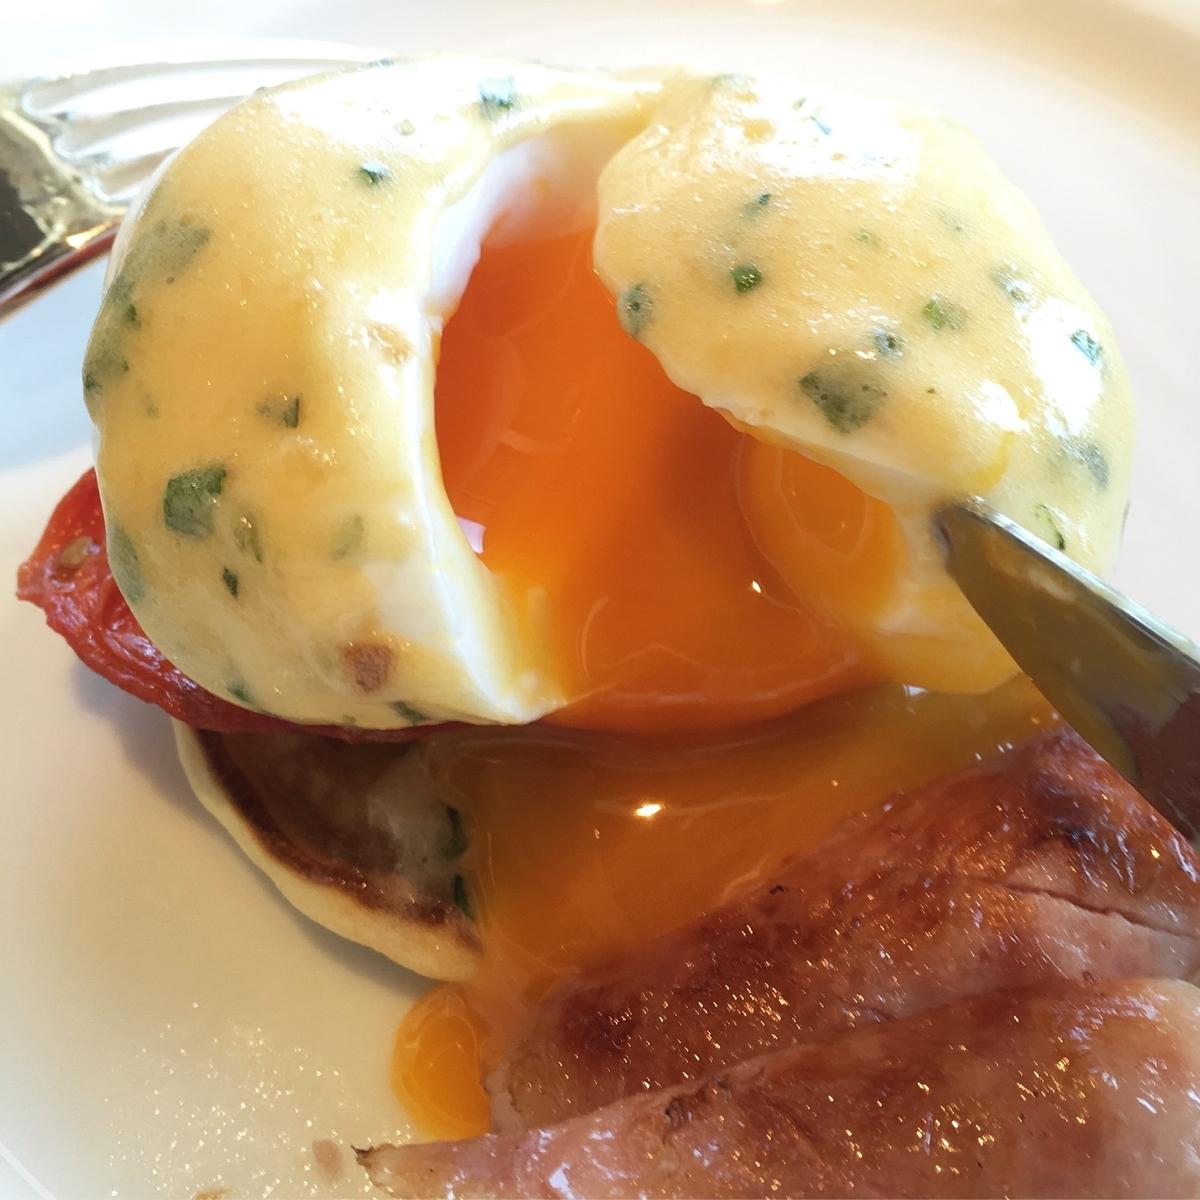 【宿泊記】 《ザ・ひらまつ ホテルズ&リゾーツ 宜野座》 朝食 エッグベネディクト